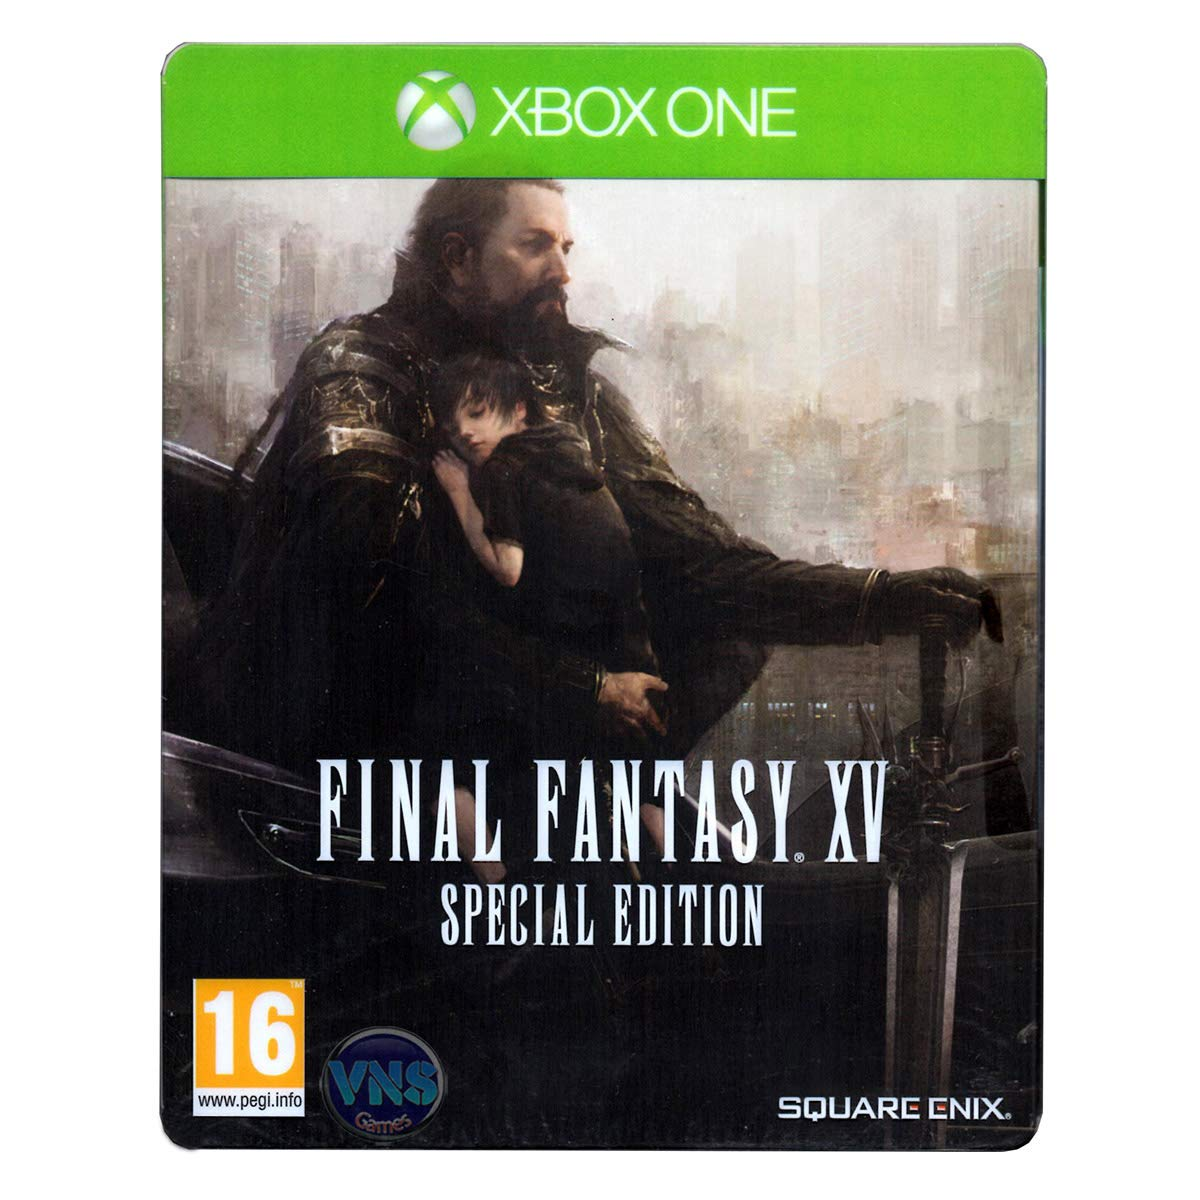 Final Fantasy XV - Special Edition